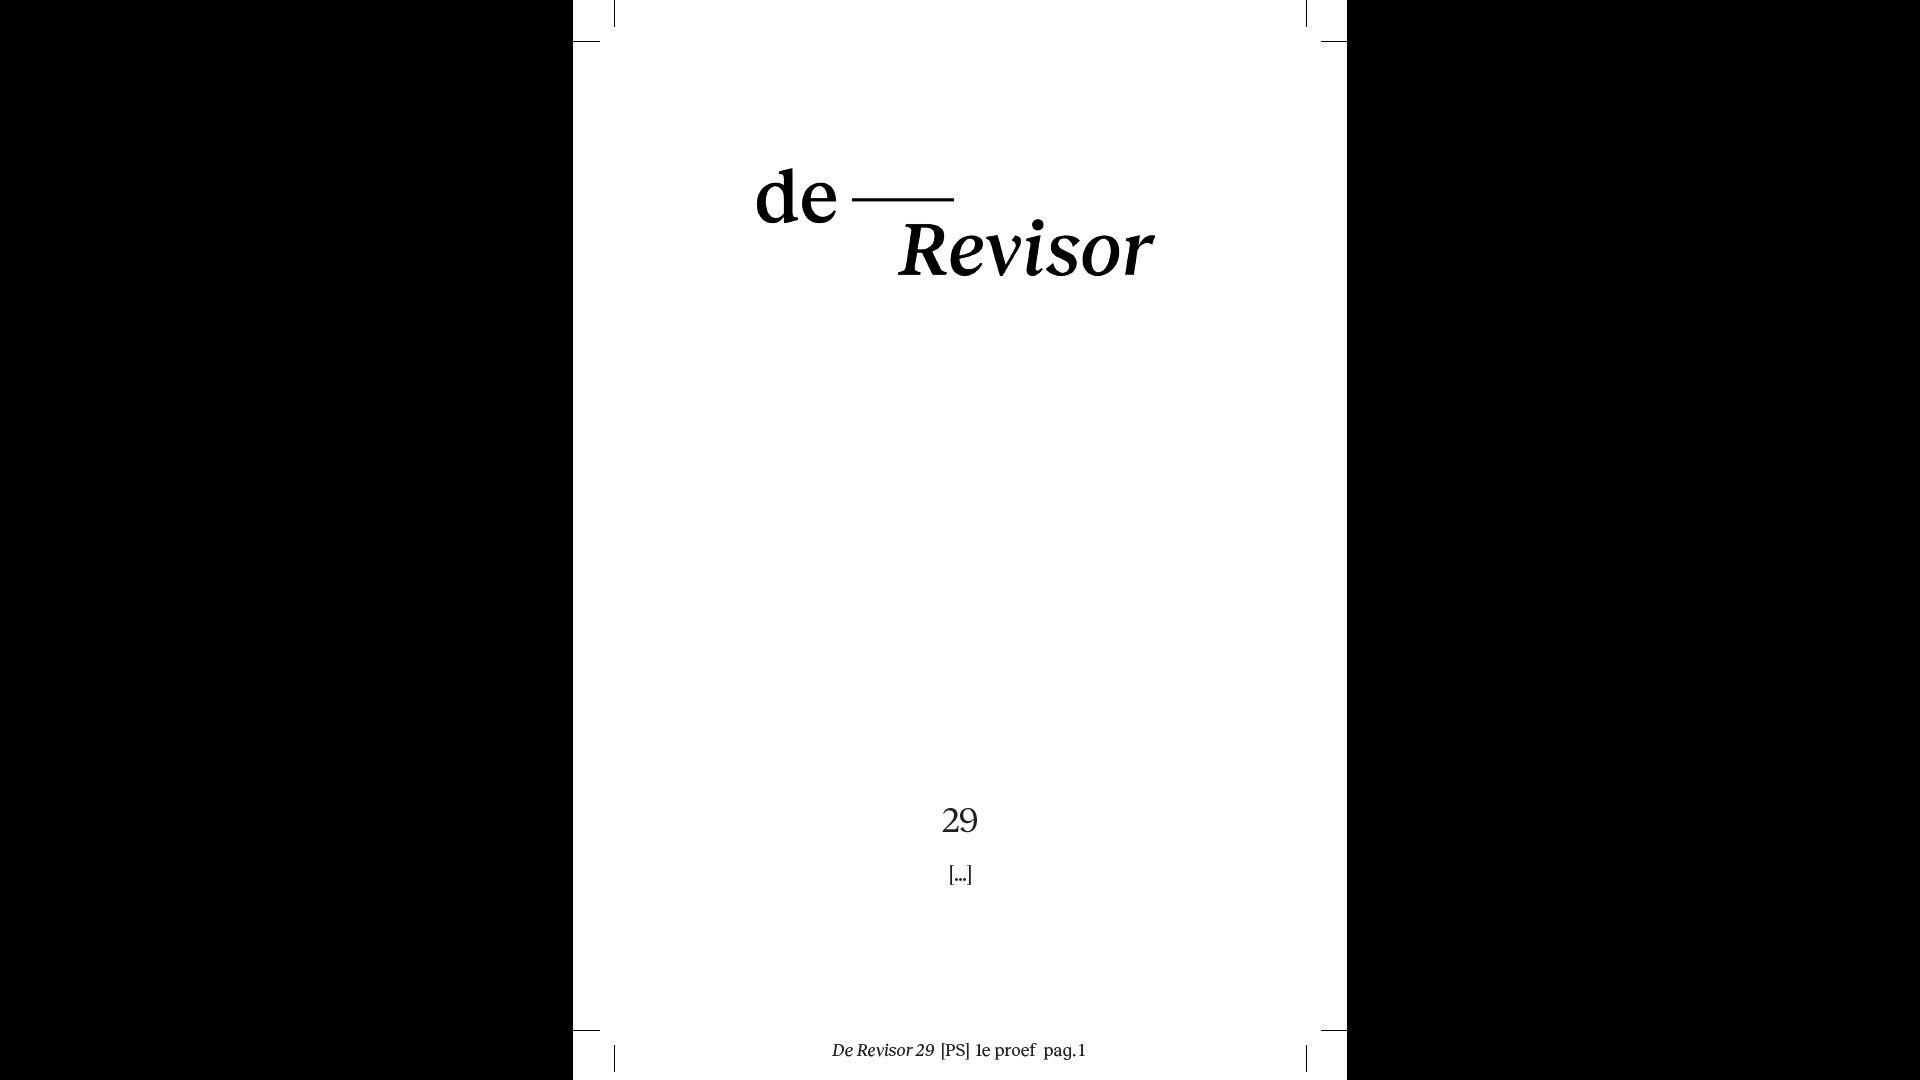 Eerste proef De Revisor 29, [...]